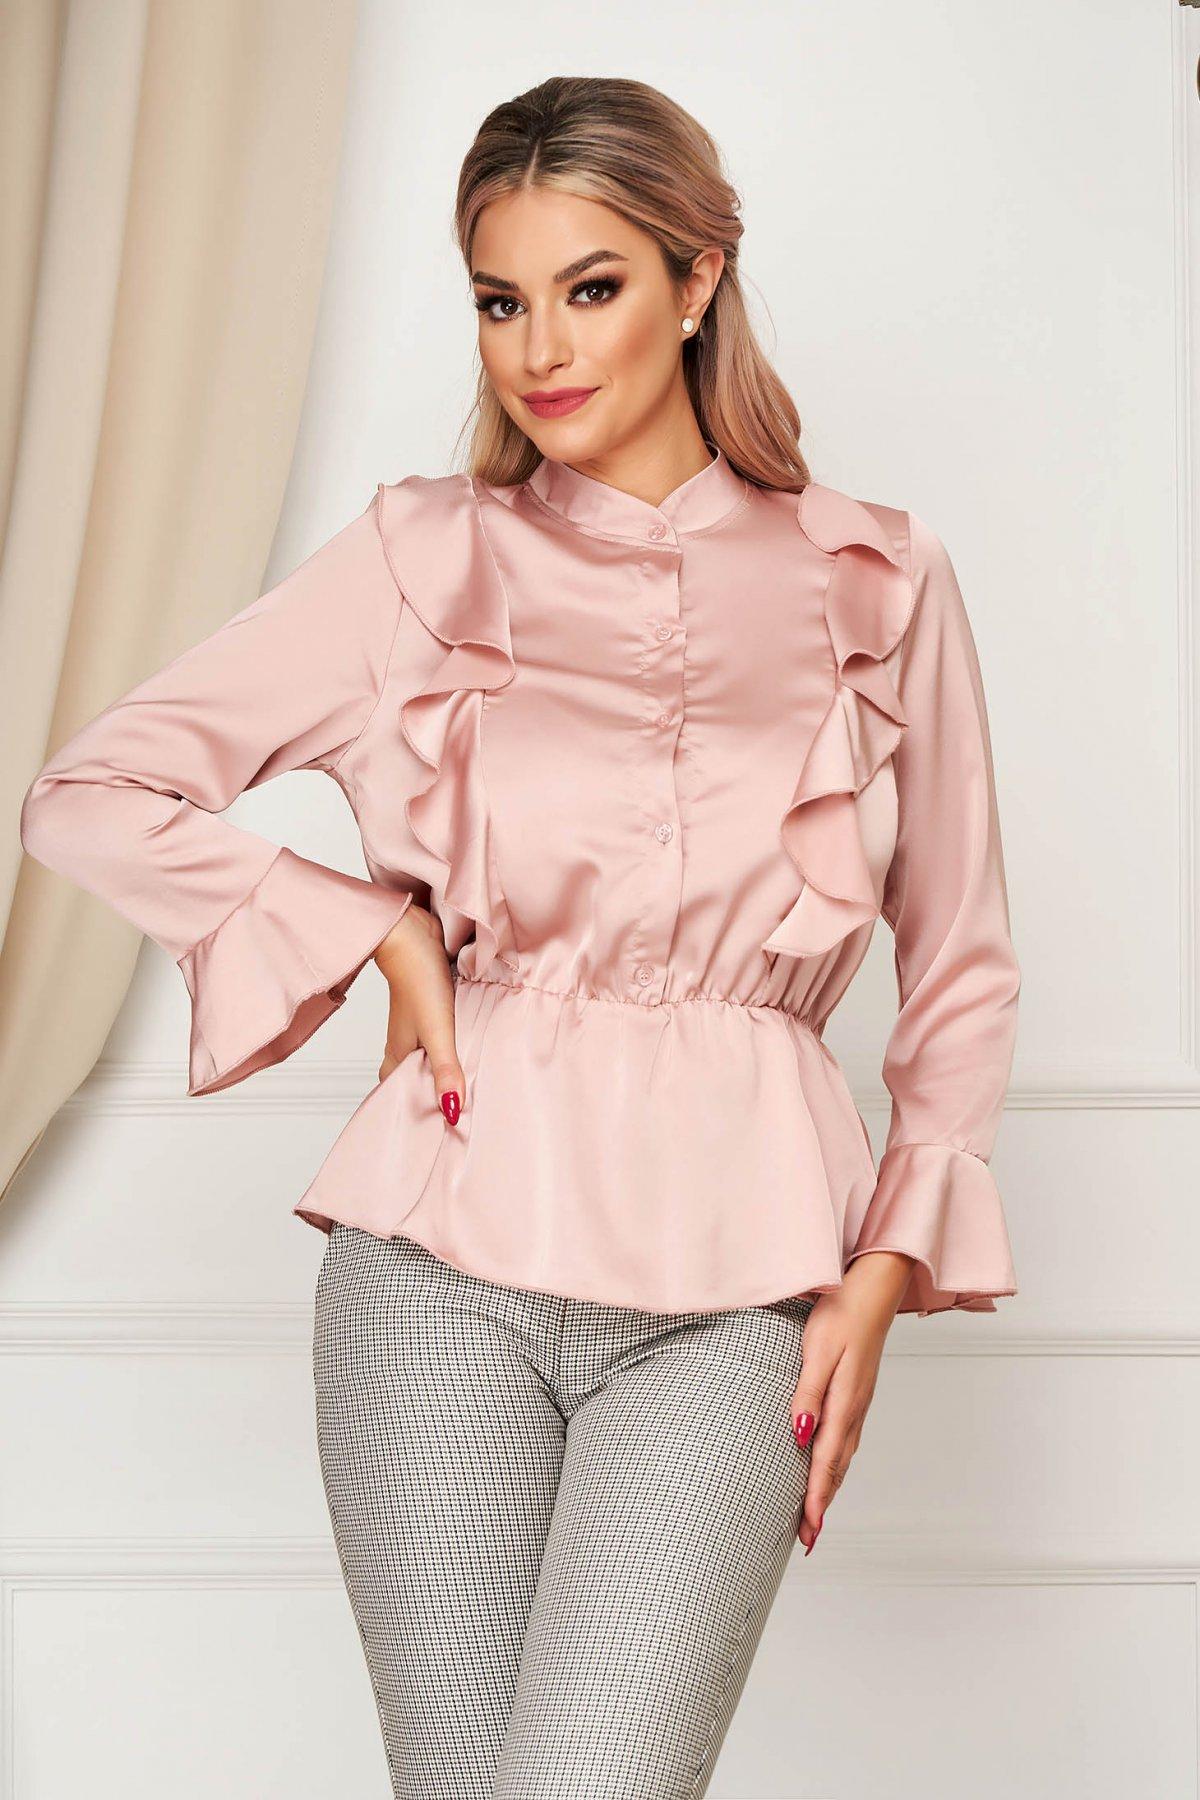 Camasa dama SunShine roz prafuit eleganta cu croi larg din material satinat cu elastic in talie cu volanase